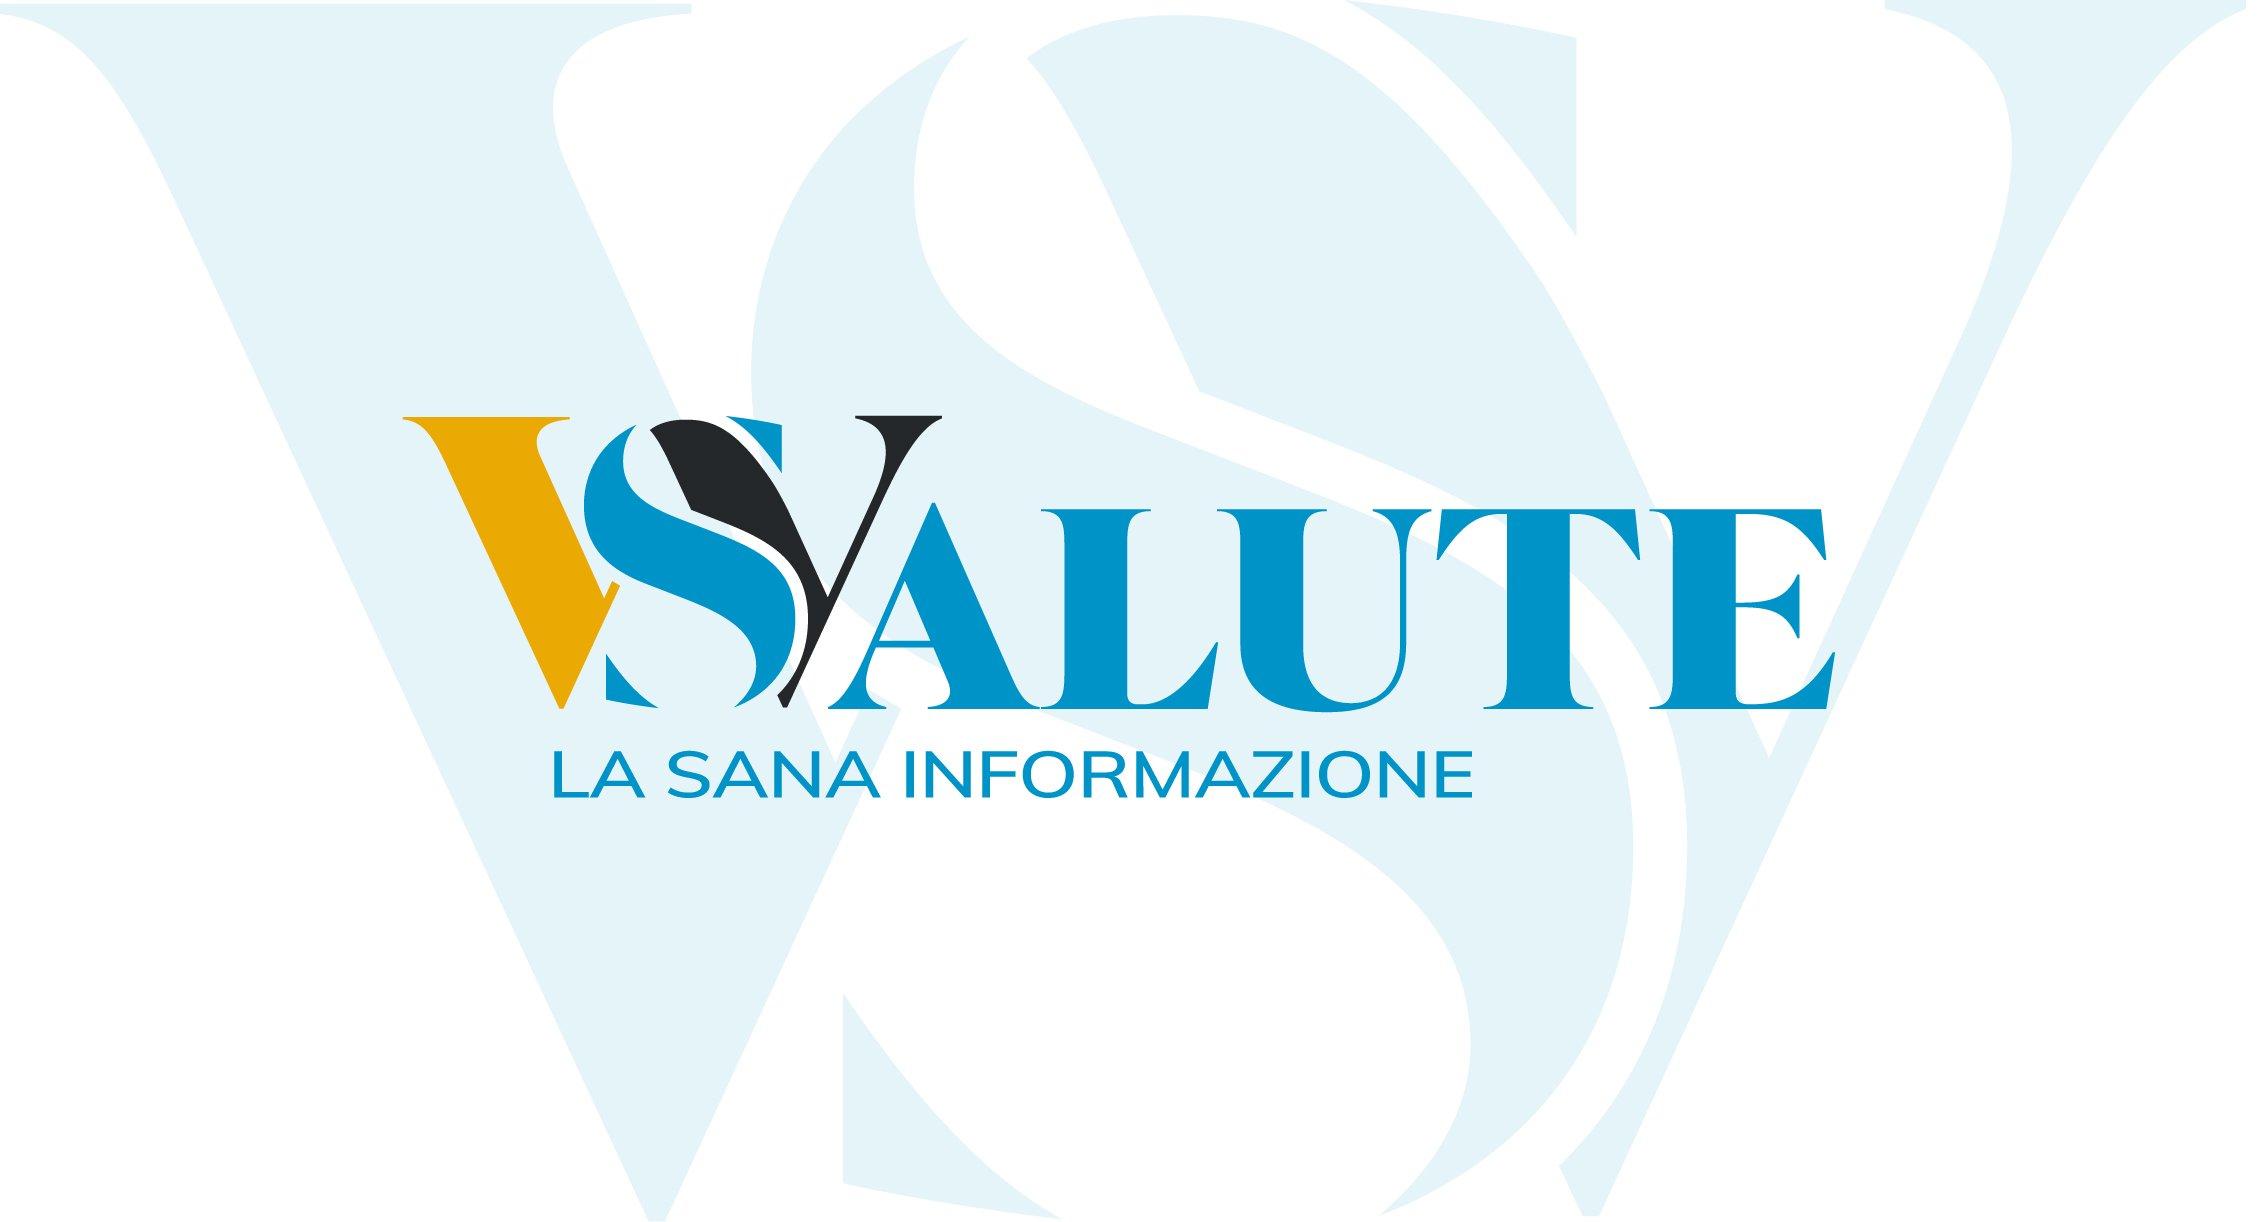 Nasce Vsalute It Il Portale Dedicato Alla Salute E Alla Sanita Giornale Nord Est